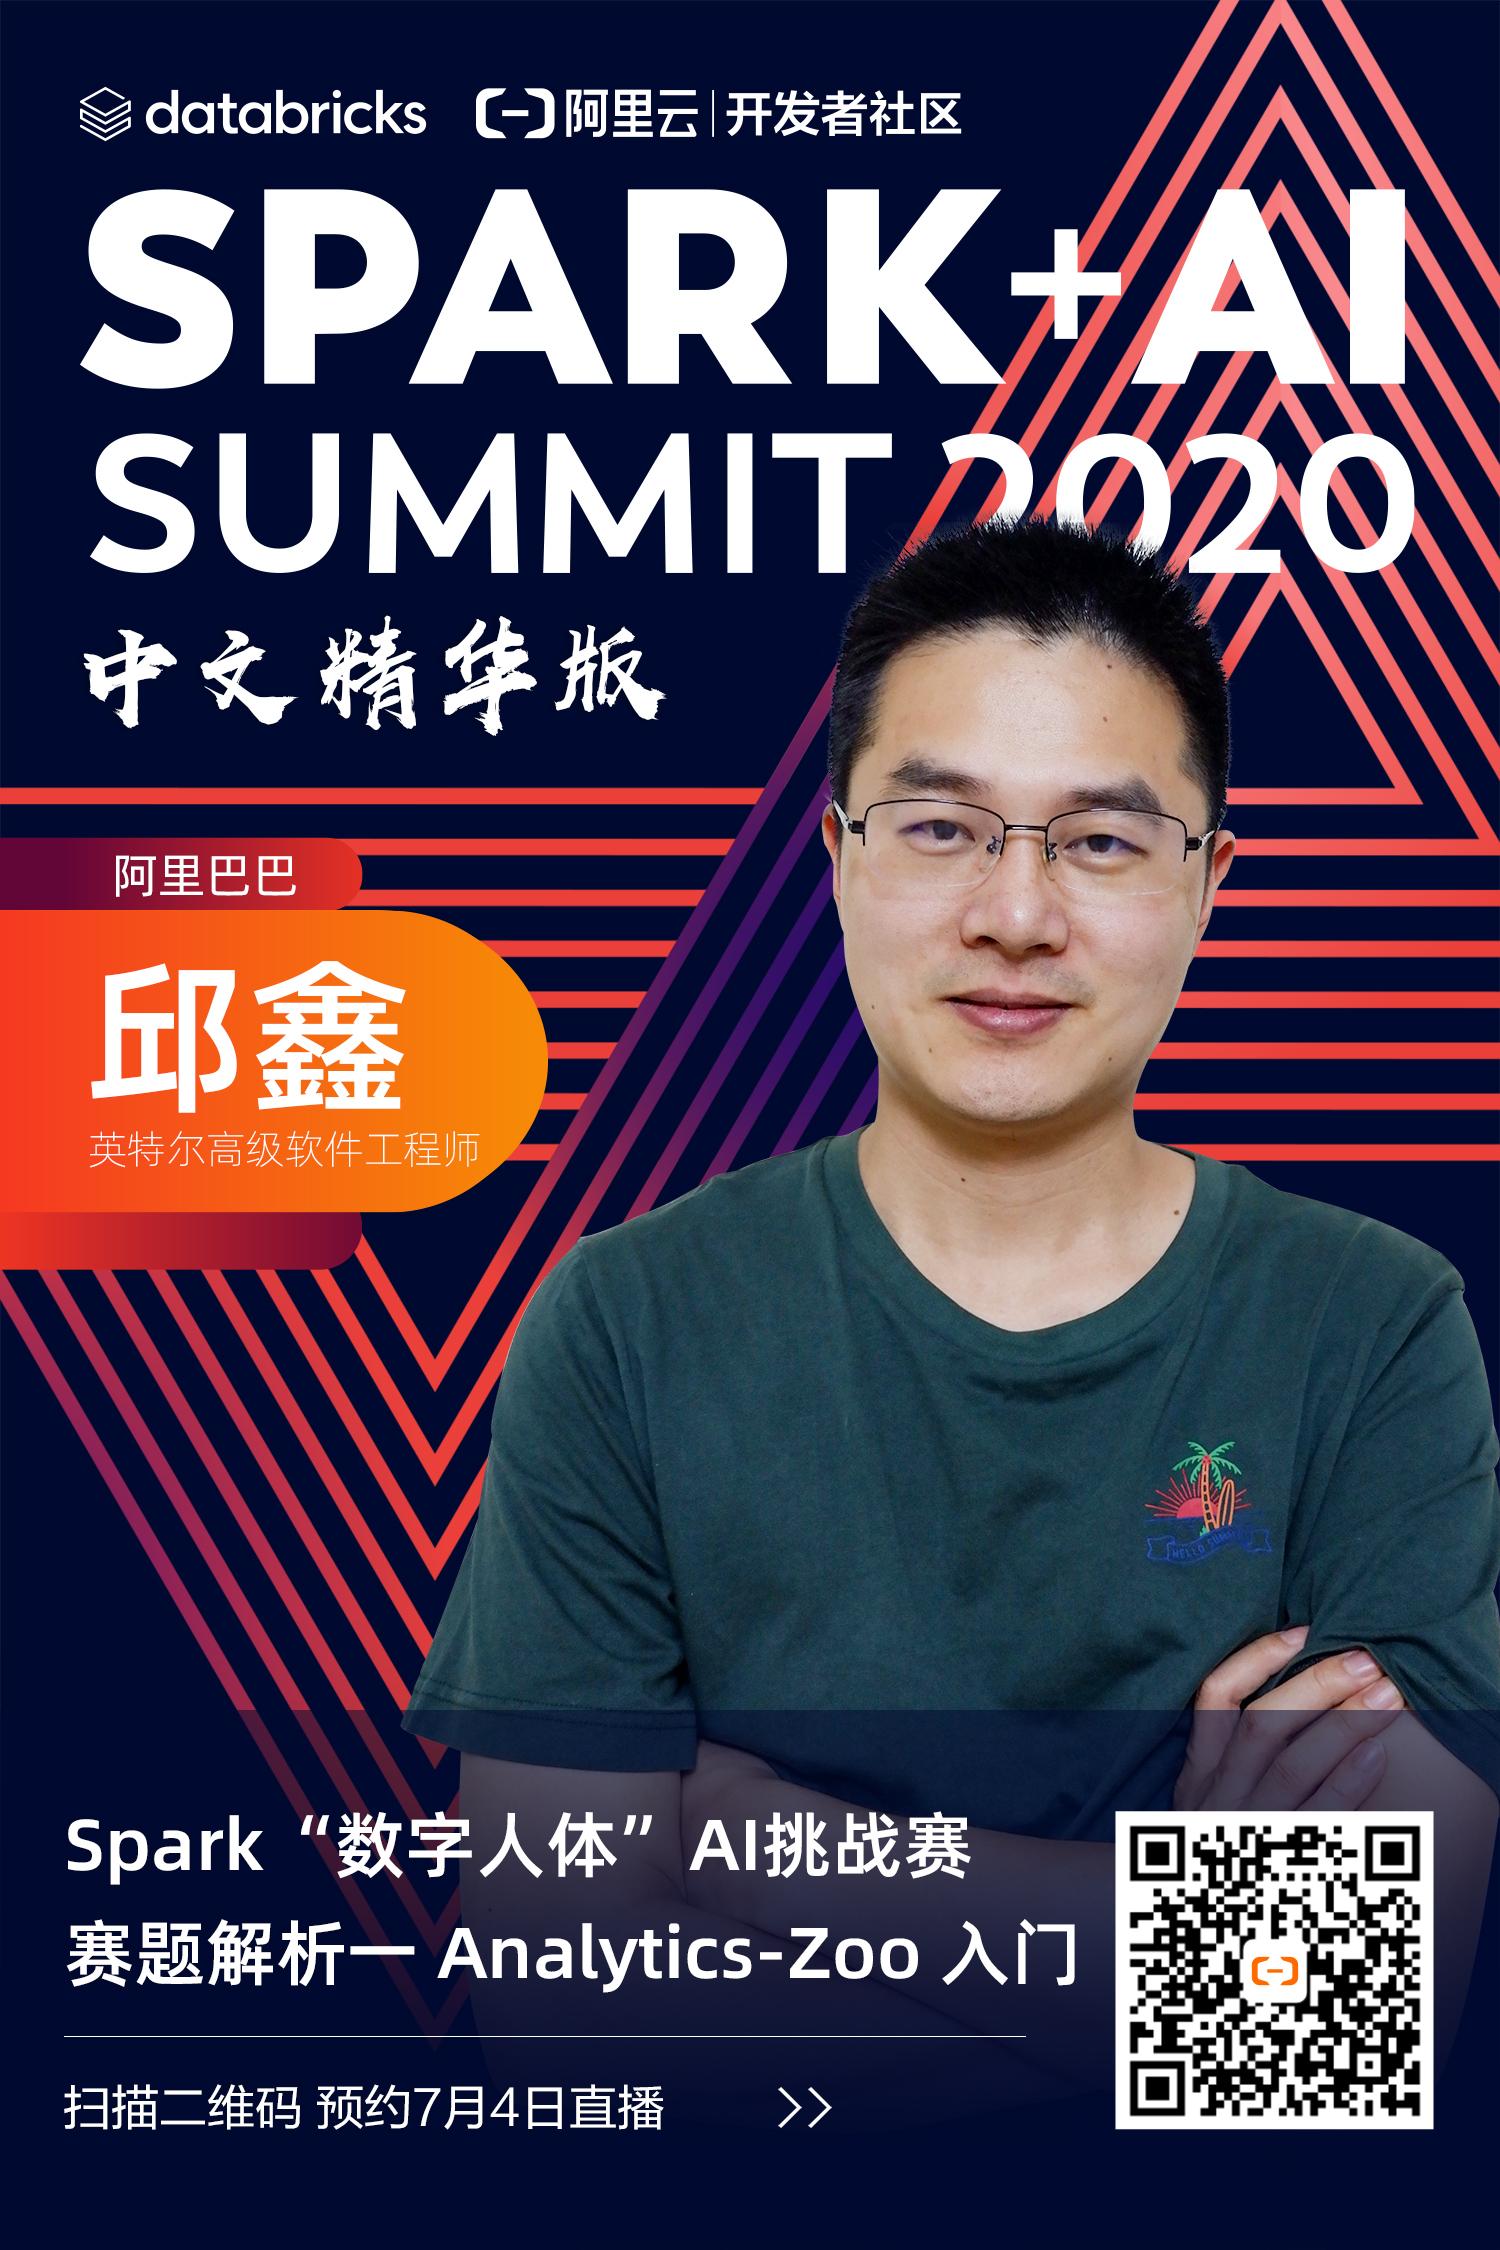 SPARK中文峰会上海会场预告篇|Ray On Spark